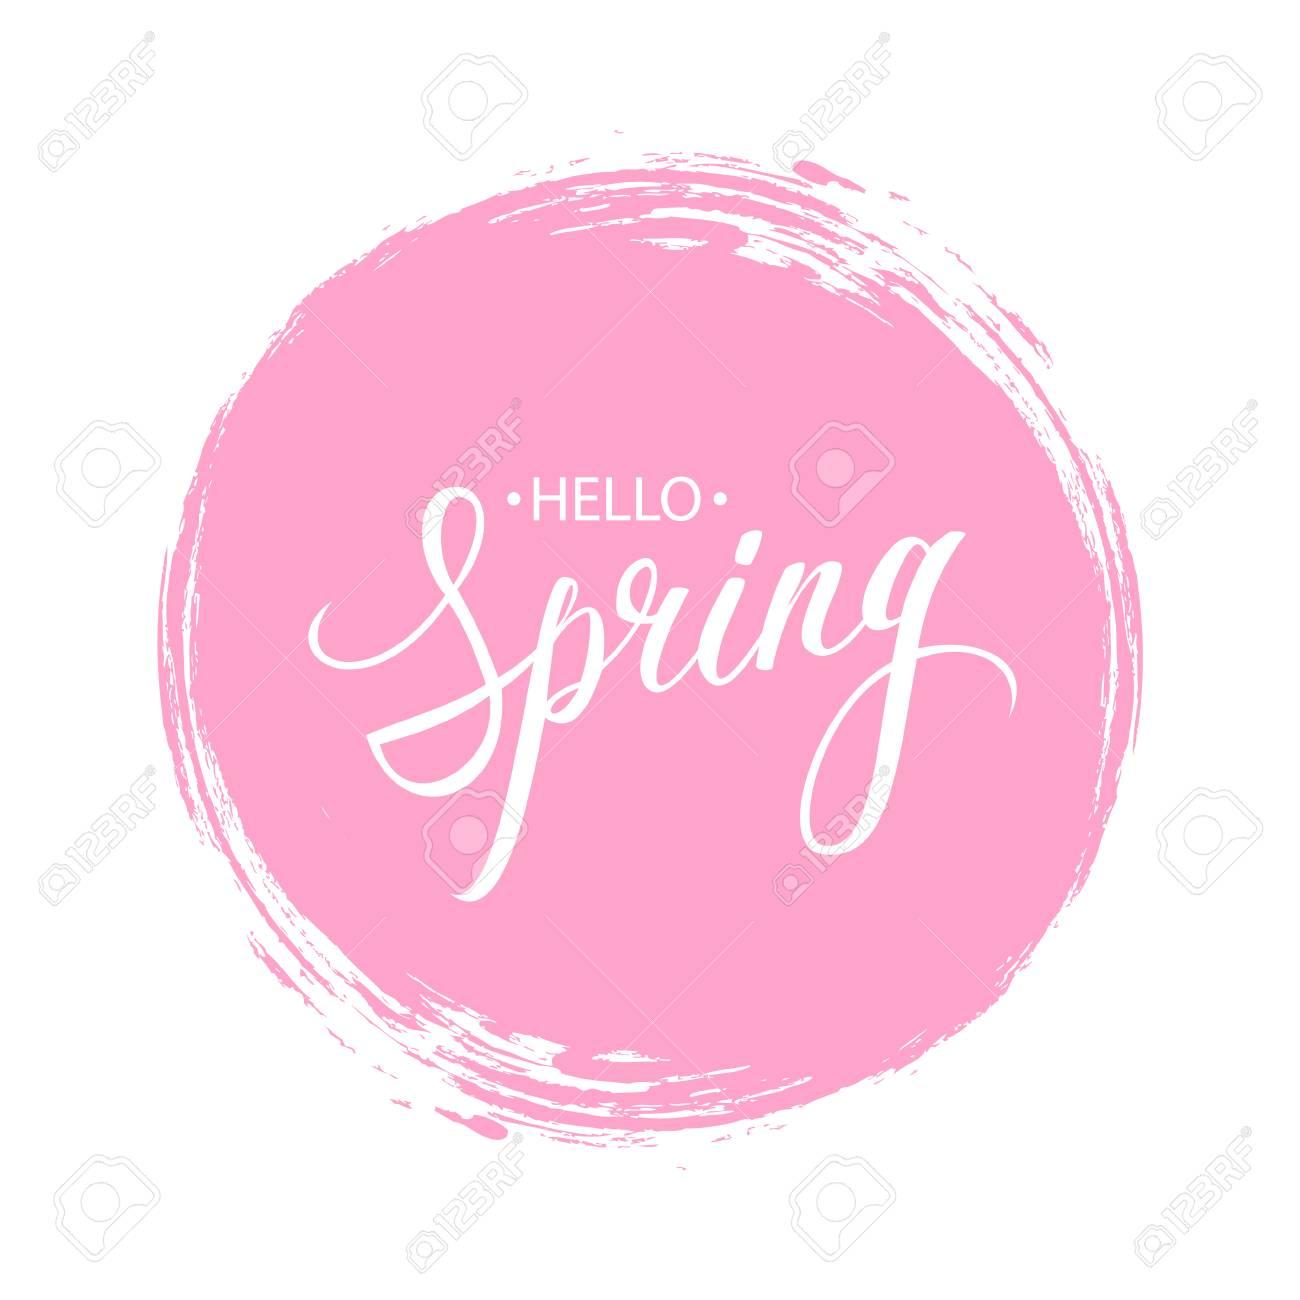 ピンクの丸ブラシ ストローク背景を持つフレーズこんにちは春を手書き